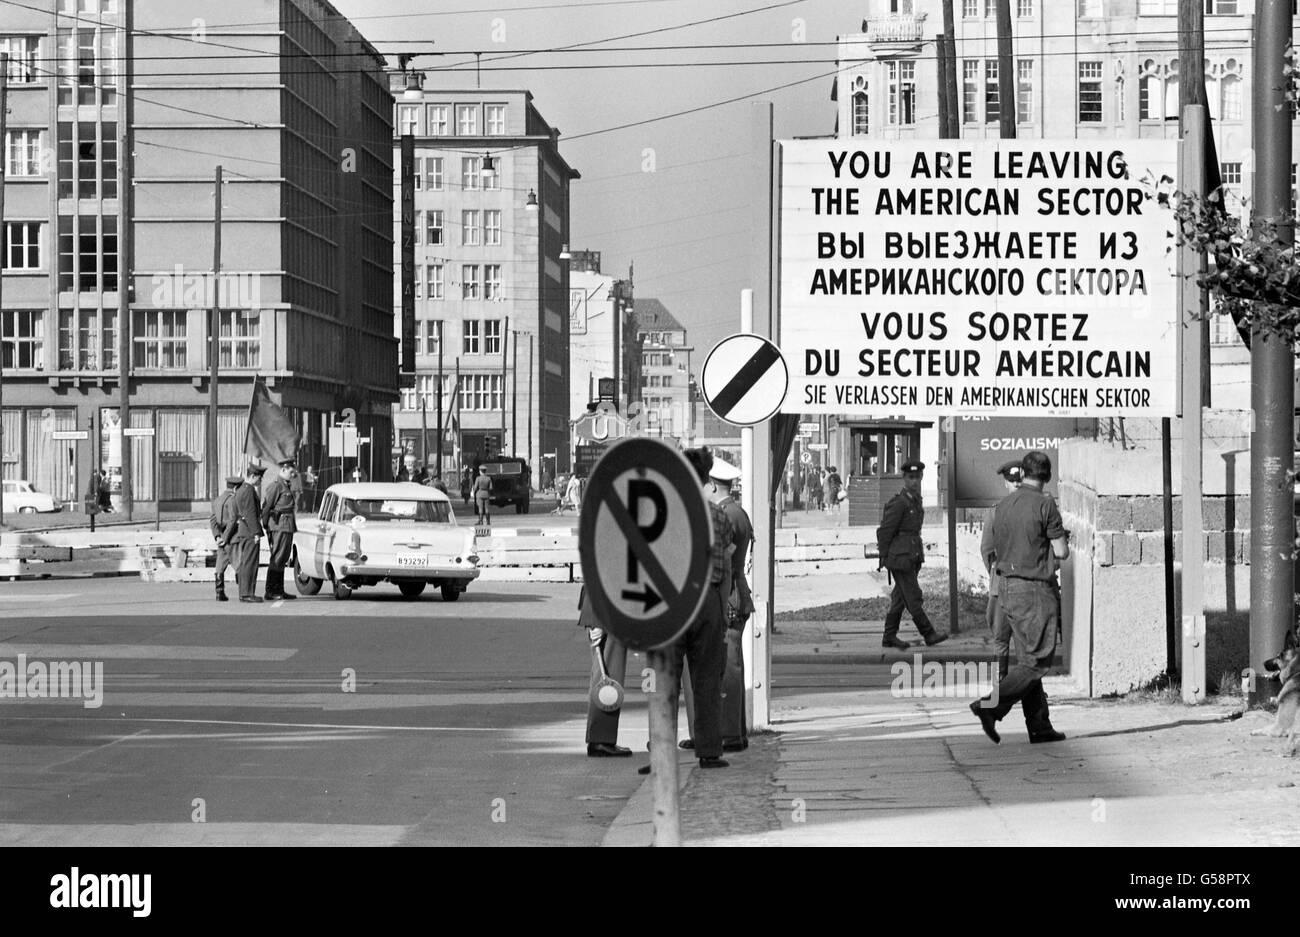 Berlin. Checkpoint in West-Berlin zwischen dem amerikanischen und sowjetischen Sektor, Oktober 1961. Stockfoto